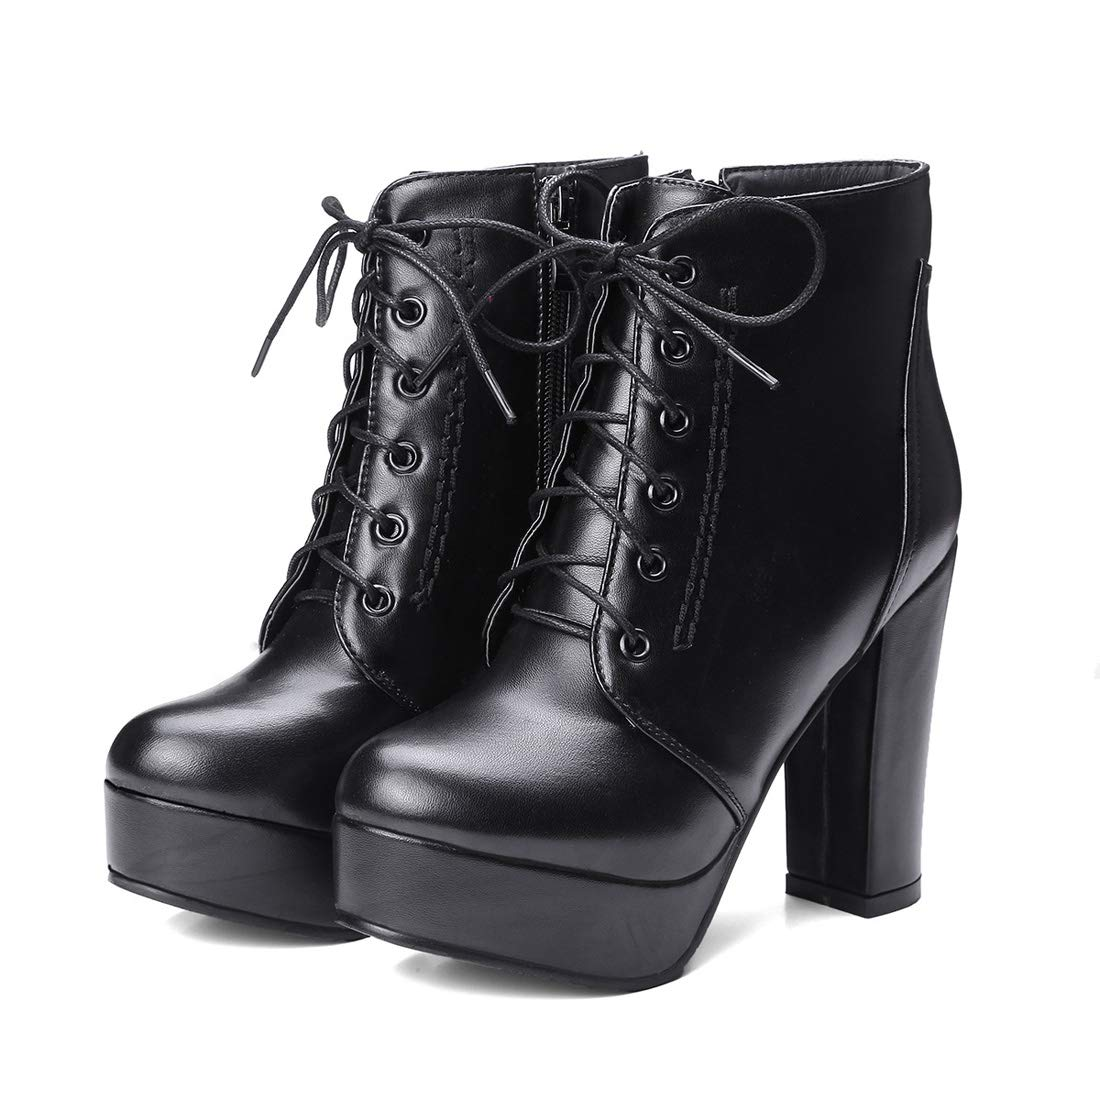 DANDANJIE Damenschuhe Herbst Winter Stiefel Komfort Schnür Mode Runde Toe Stiefelies Ankle Stiefel